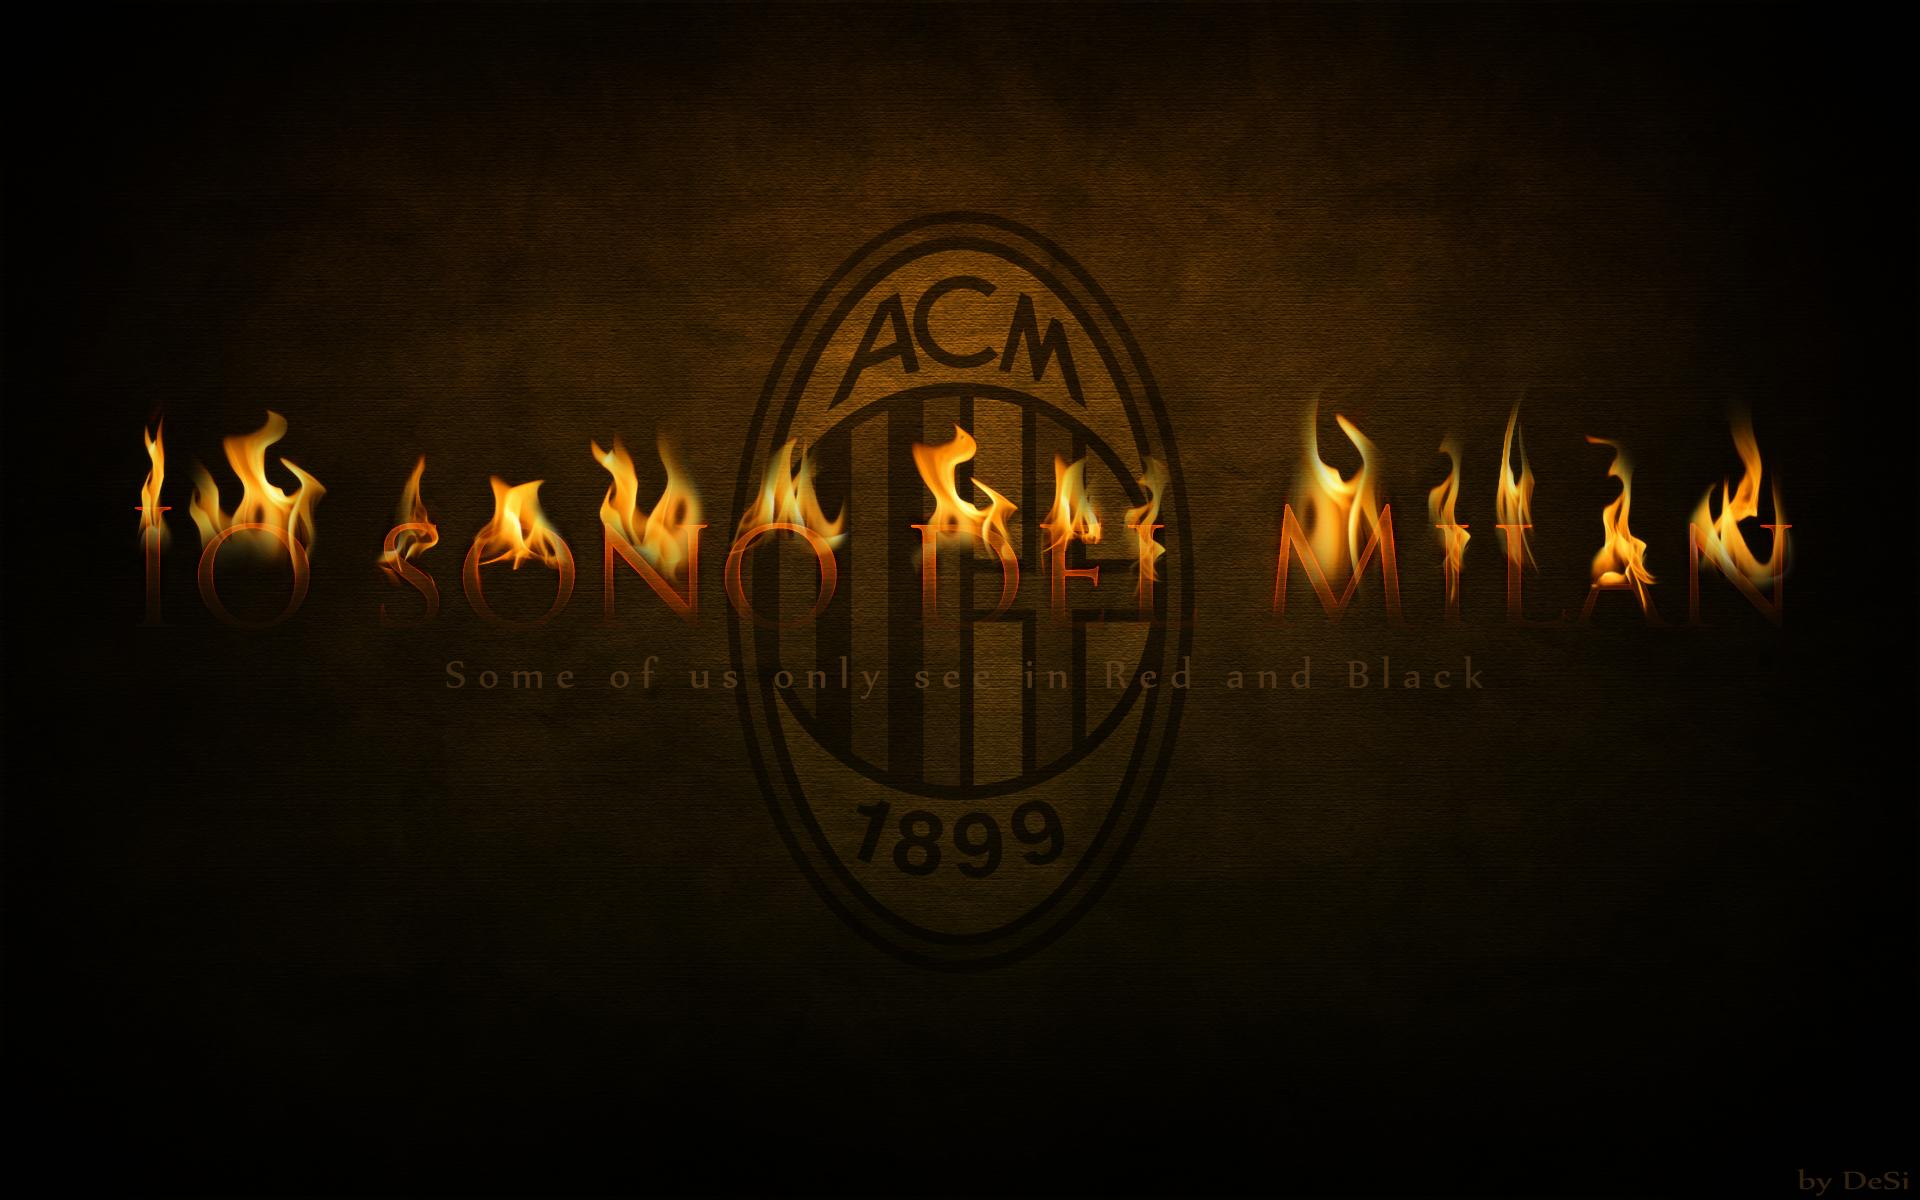 AC Milan wallpaper by DeSi Mitova 1920x1200